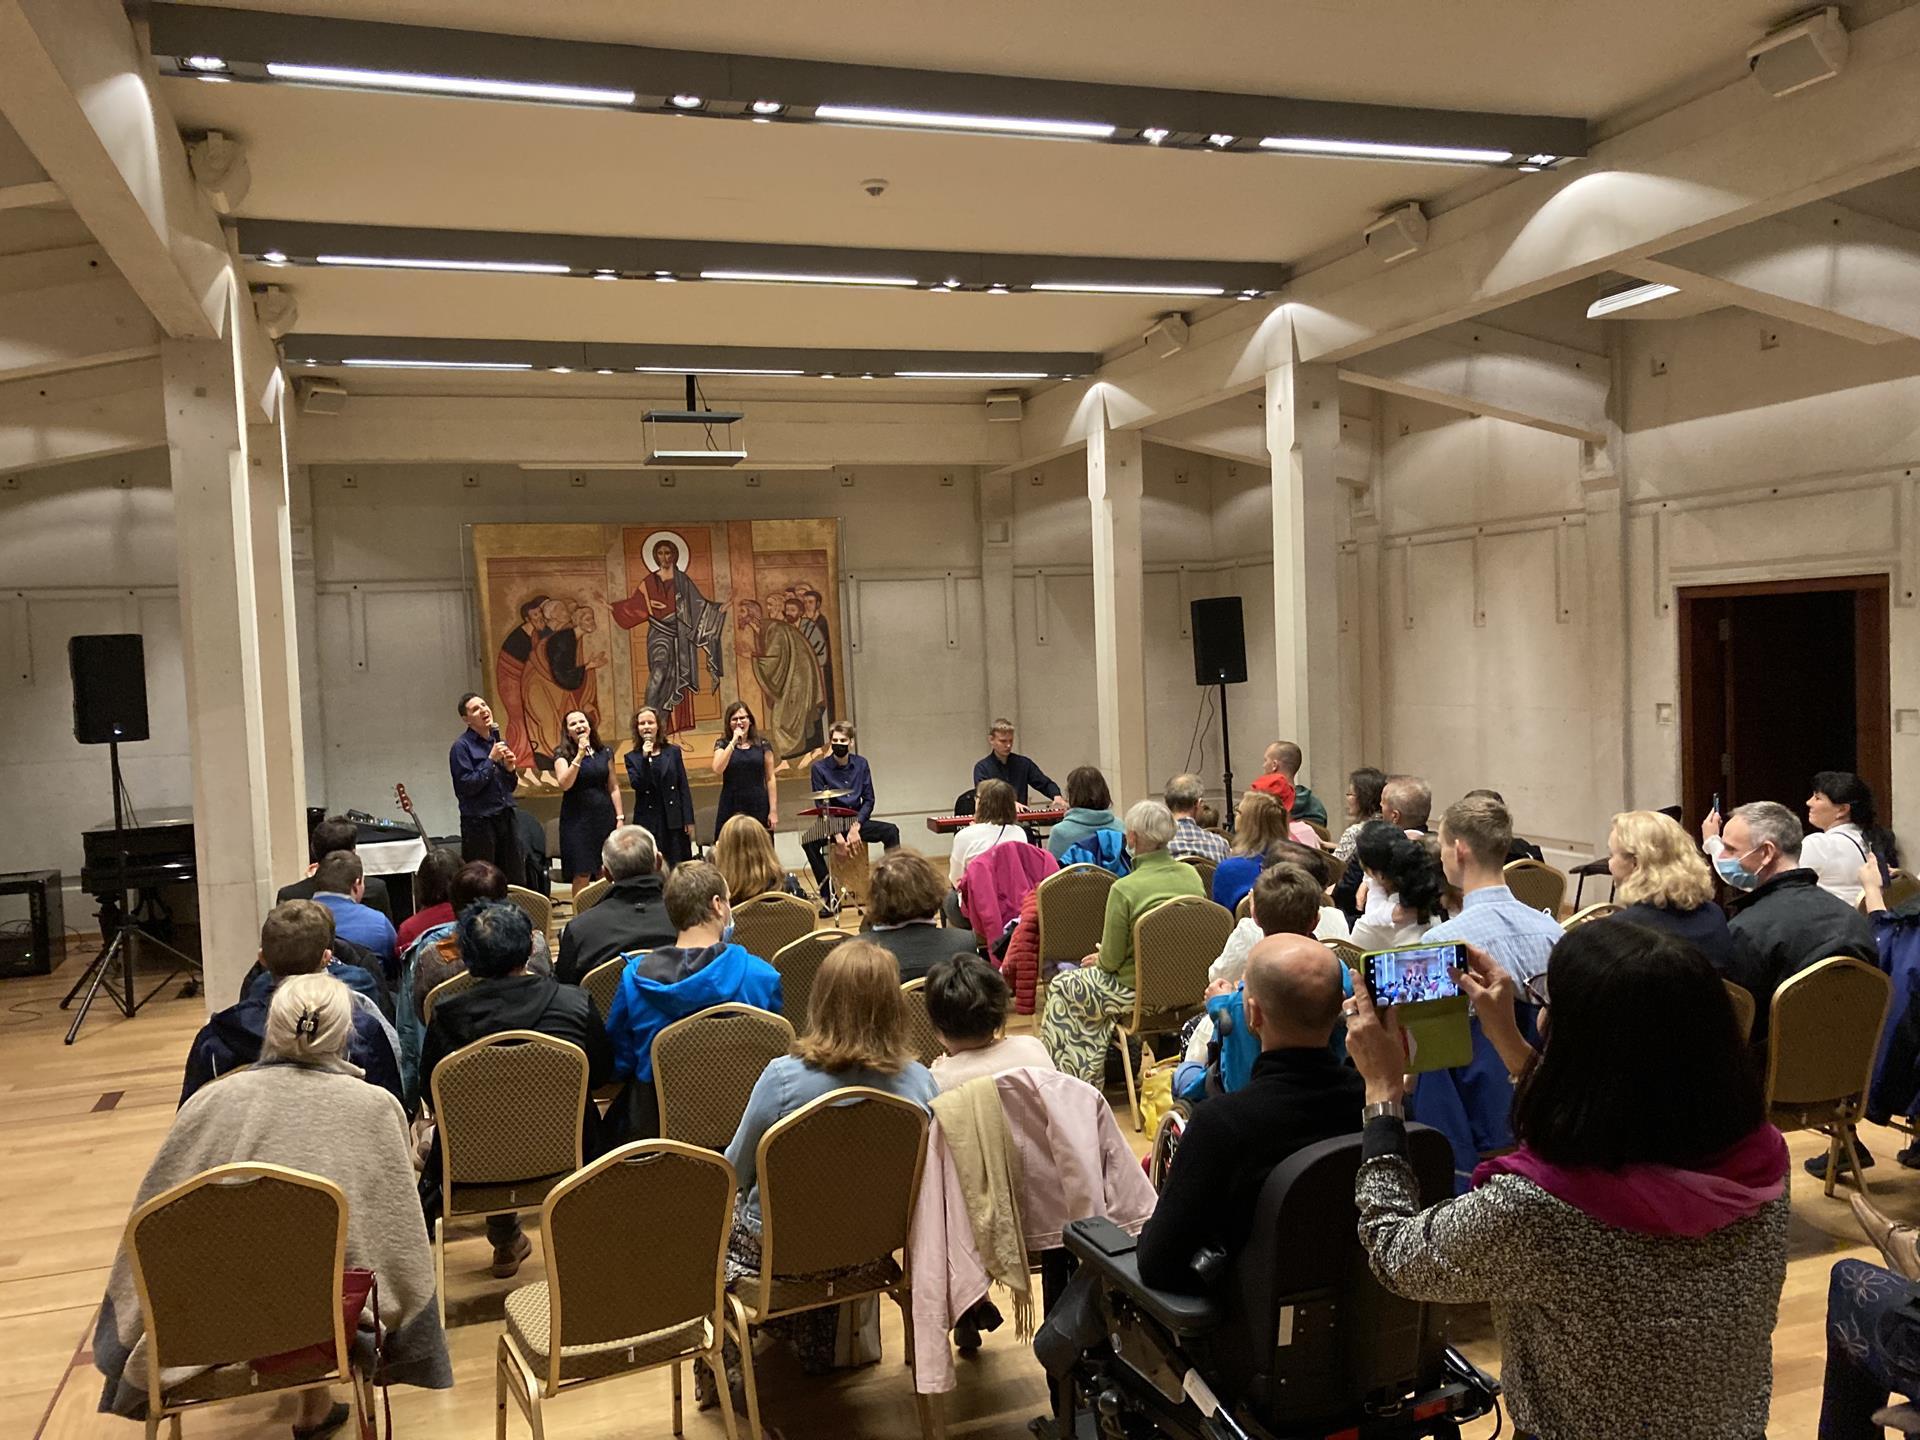 Zdjęcie z oddali. Publiczność słucha 6 osób, które grają i śpiewają.